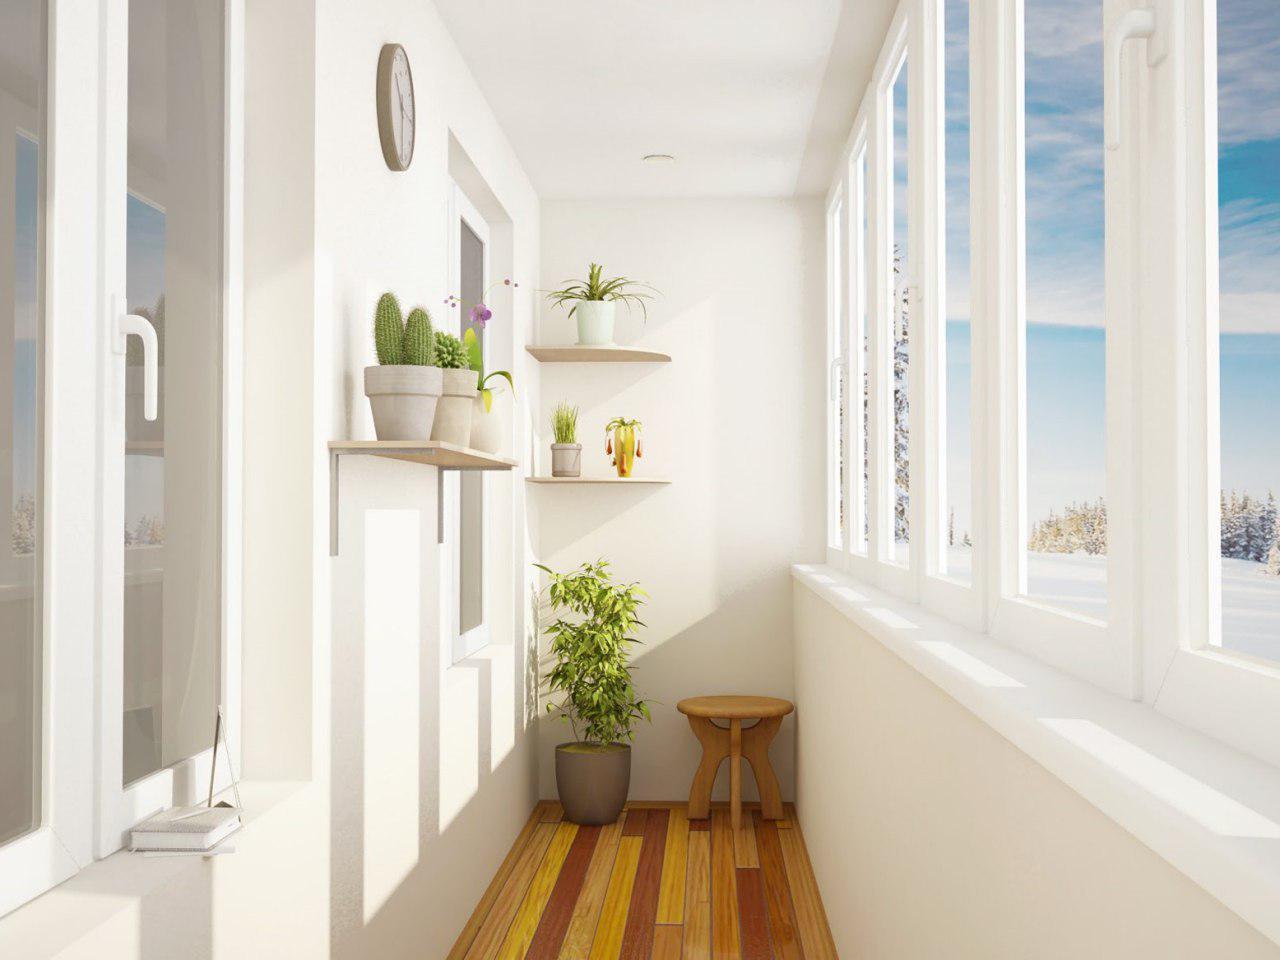 остекленный балкон с отделкой